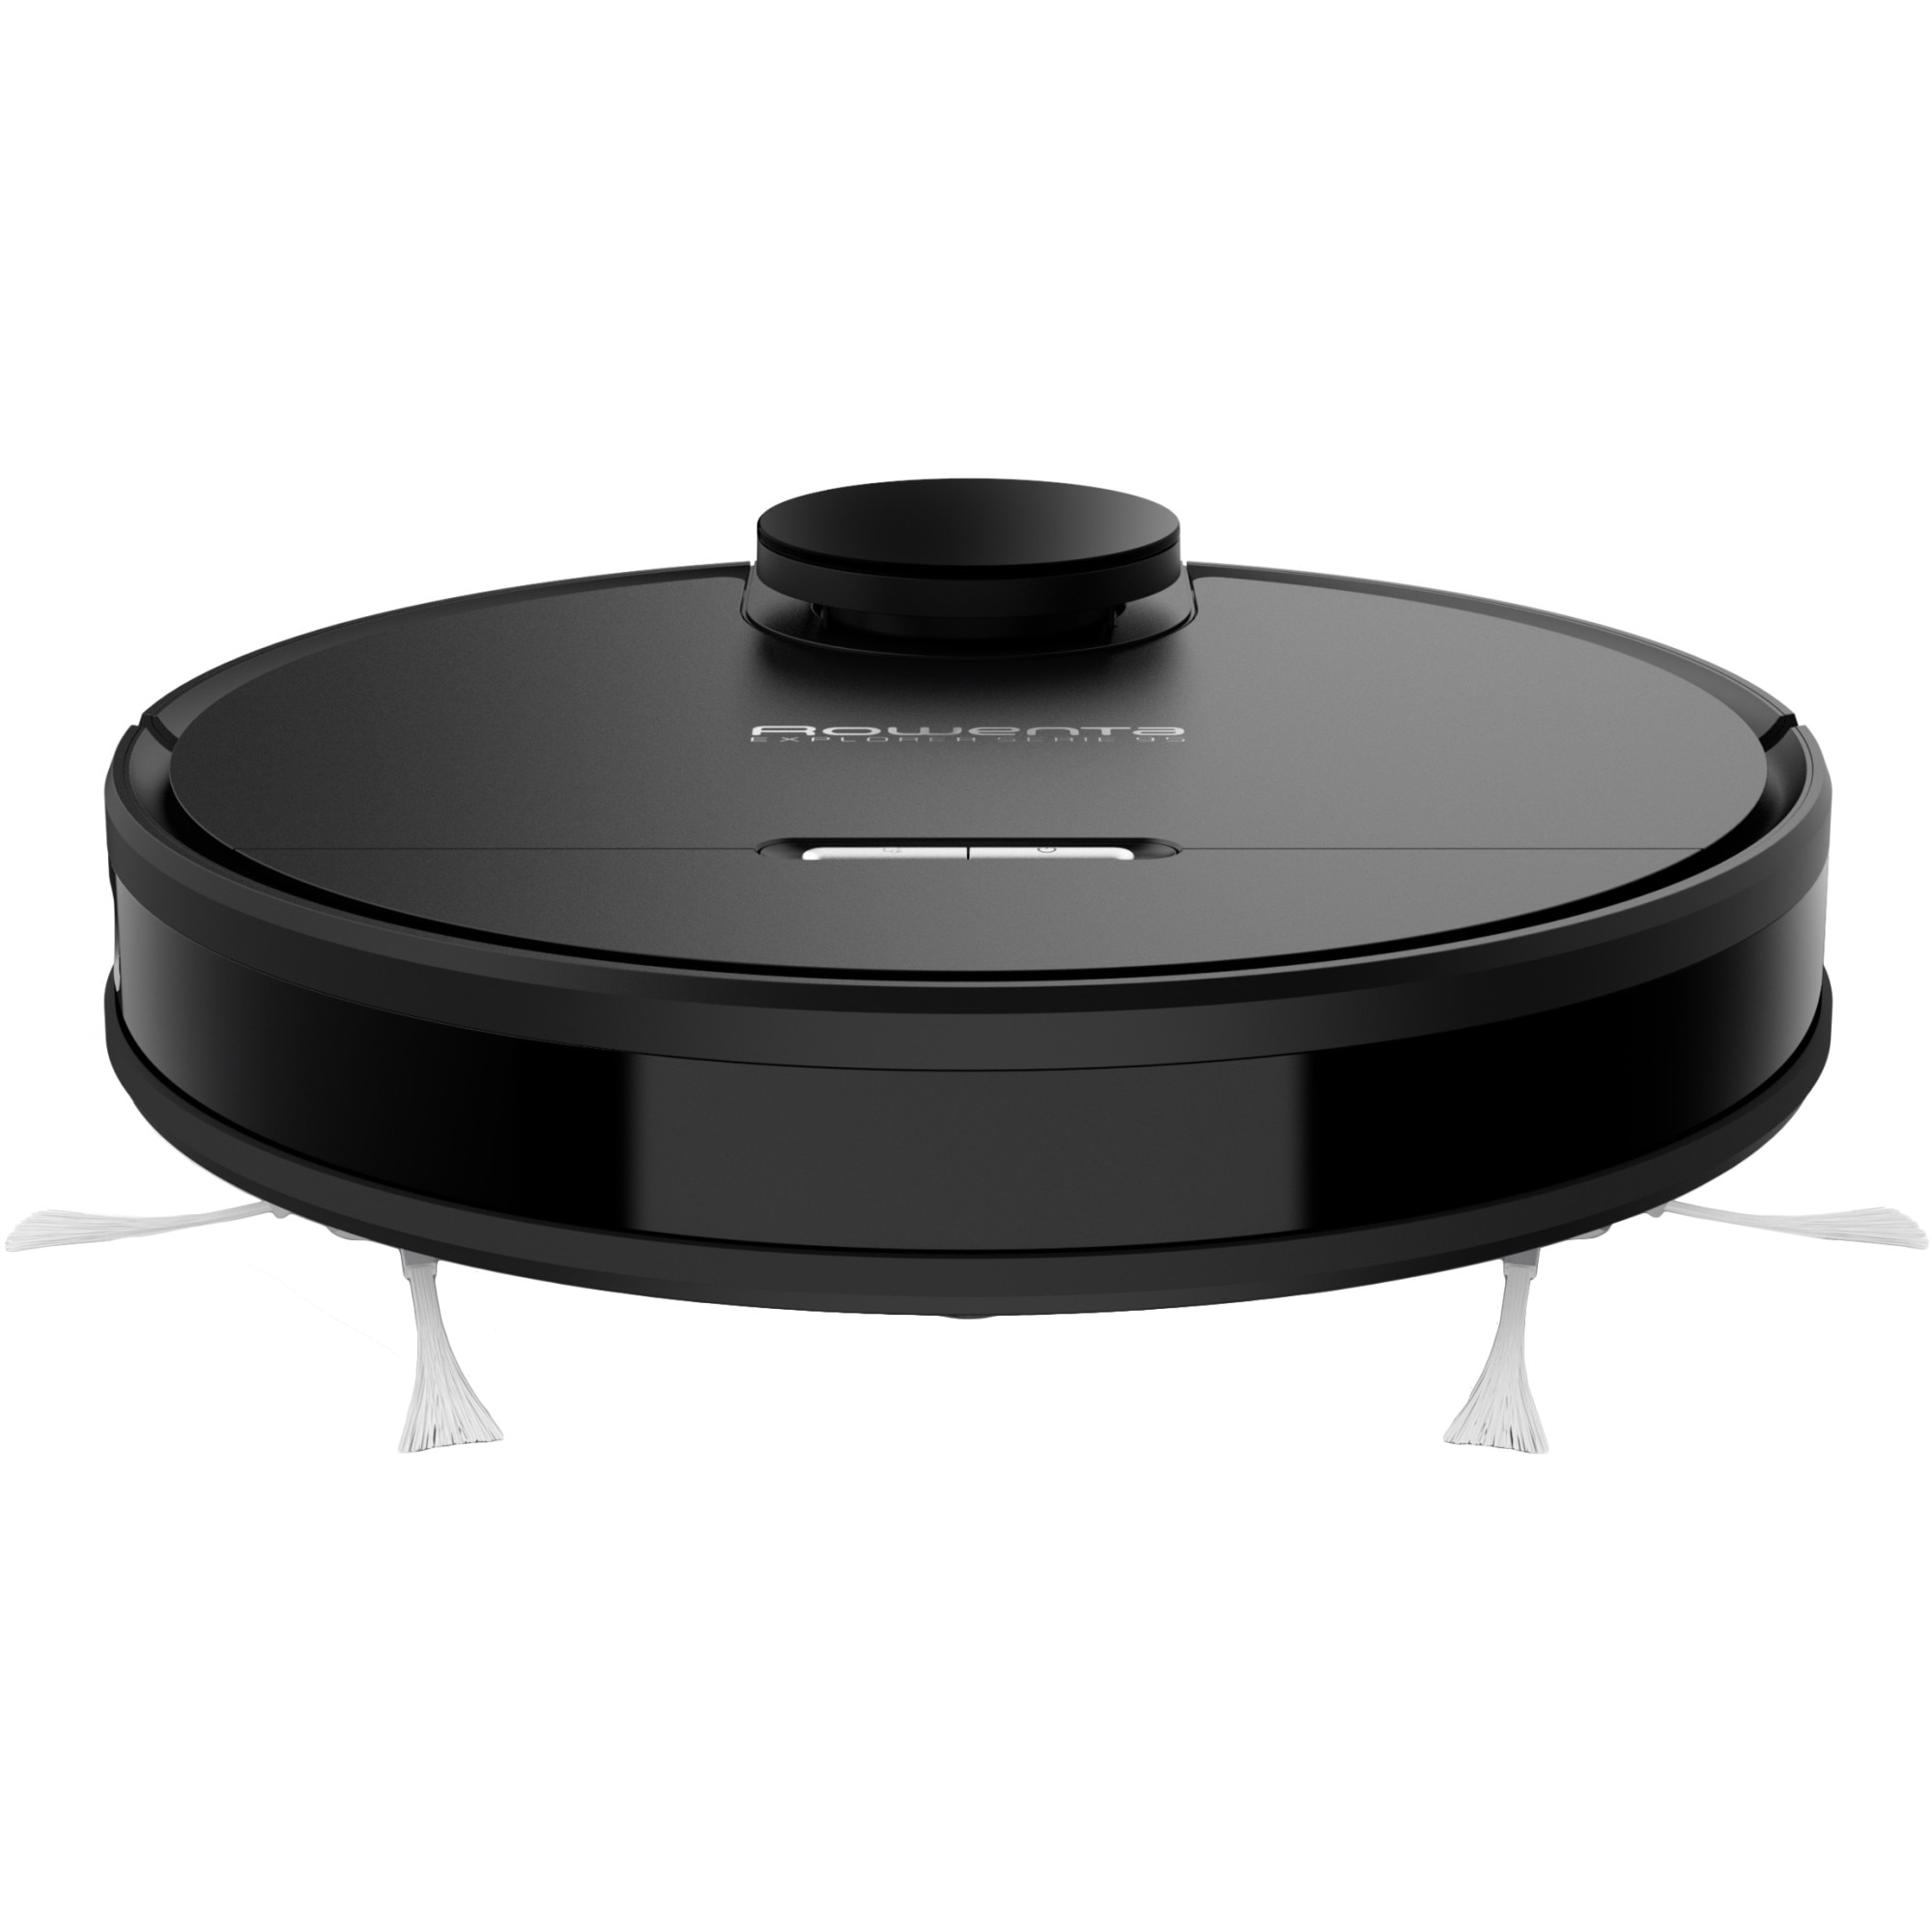 Fotografie Aspirator robot Rowenta X-Plorer Serie 95 Animal RR7975, 75W ,Navigare LiDar, Mop incorporat, 0.5L, 4 functii de curatare, Autonomie 225 min, Functie Auto Boost, Aplicatie dedicata pe smartphone, Negru